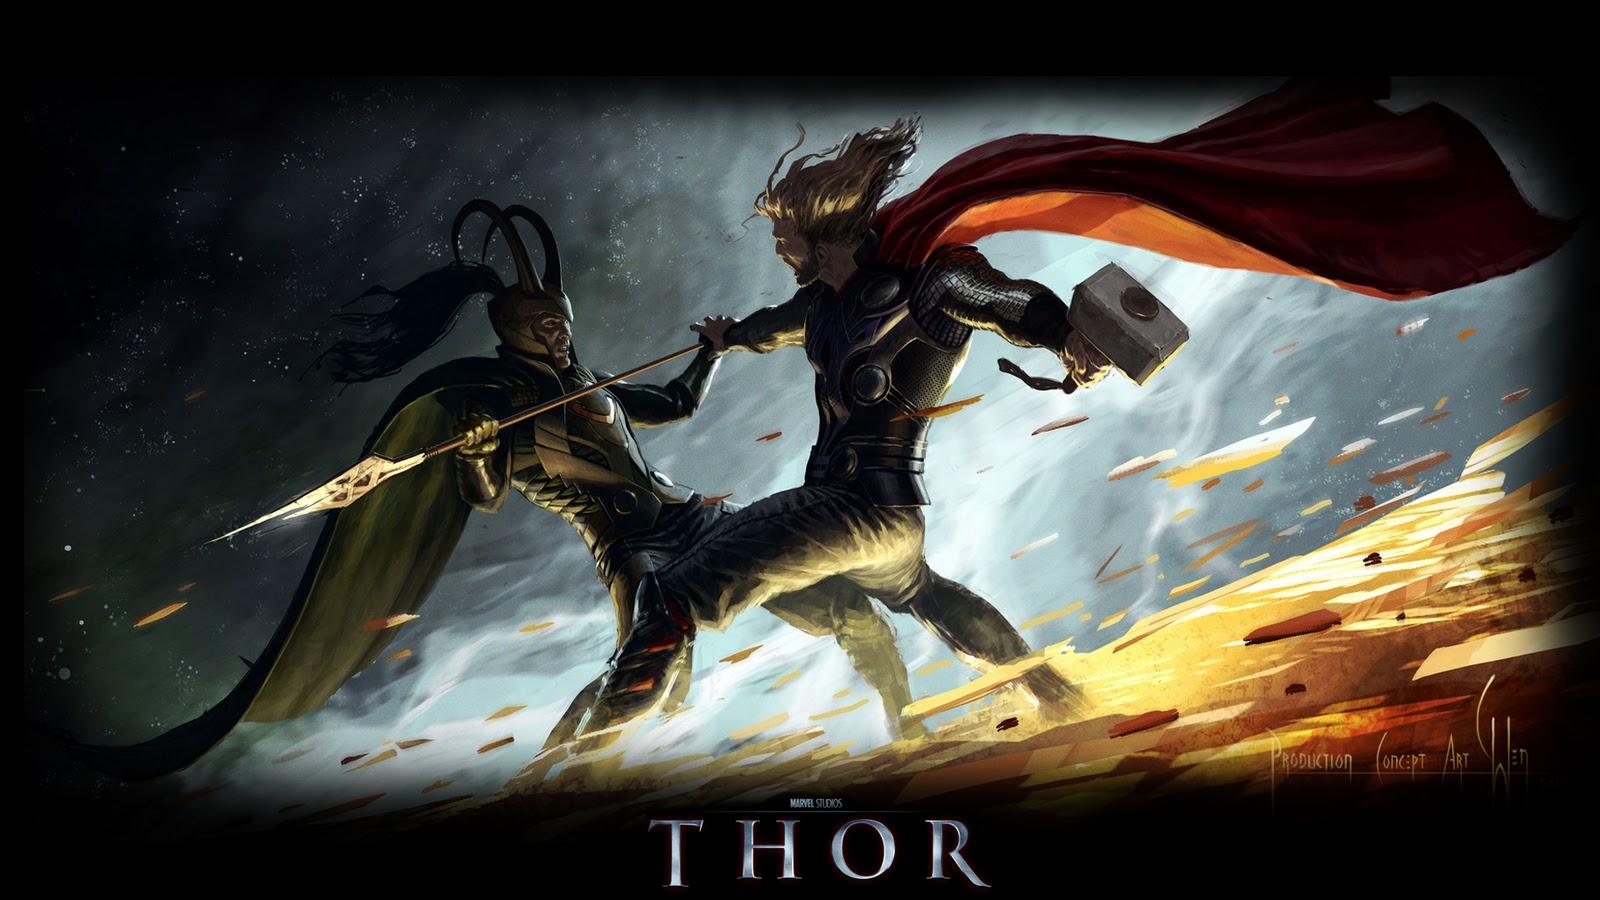 http://1.bp.blogspot.com/_BFYlnQUsPgo/TQhXYFoQYGI/AAAAAAAAA9Y/Xi7IOGh5EI4/s1600/Thor-Movie-2011-Wallpapers-2.jpg